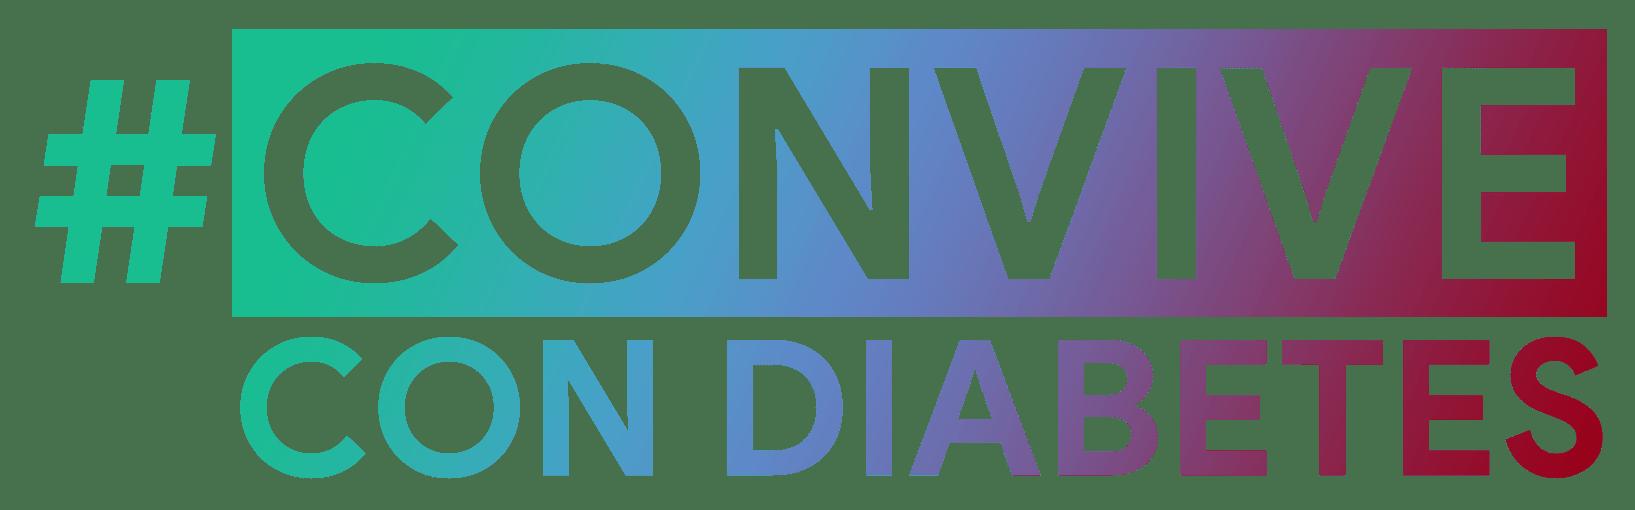 CONVIVE CON DIABETES adirmu color